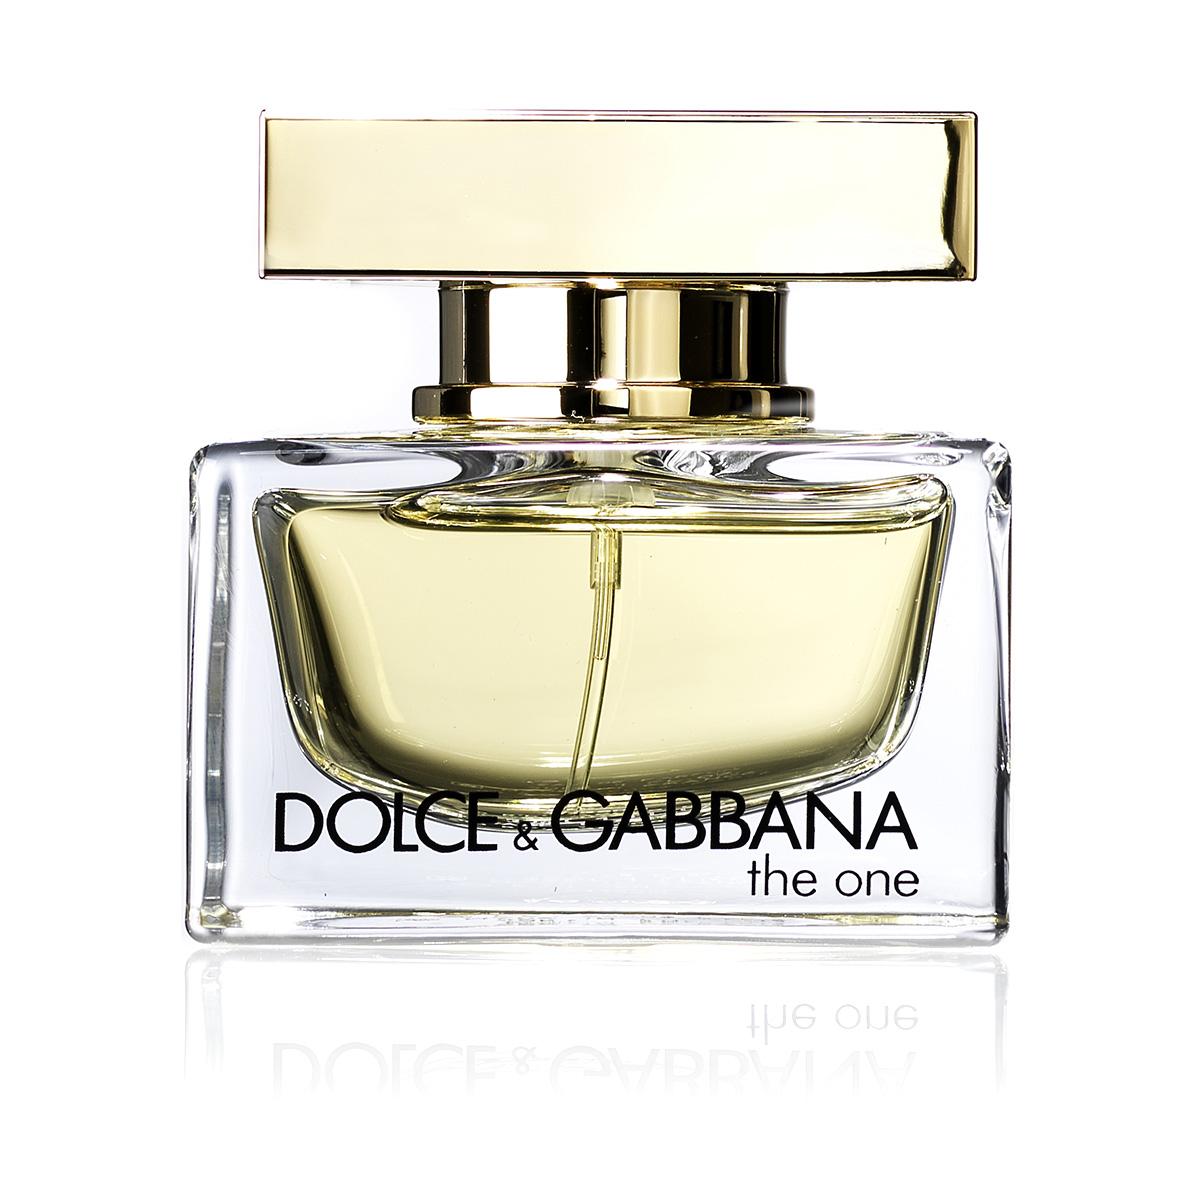 Dolce & Gabanna The One For Women EdP 30 ml